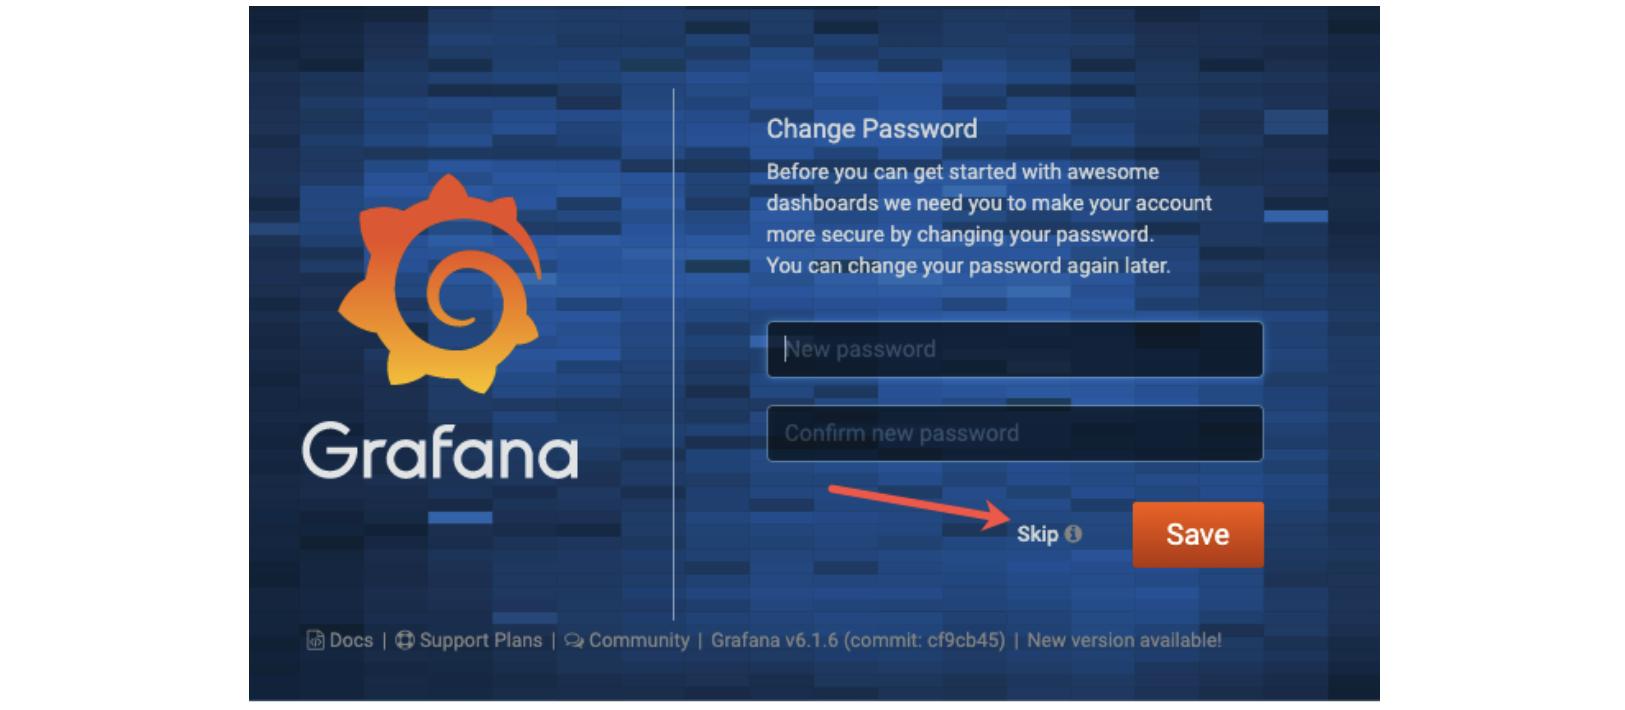 Grafana Change Password